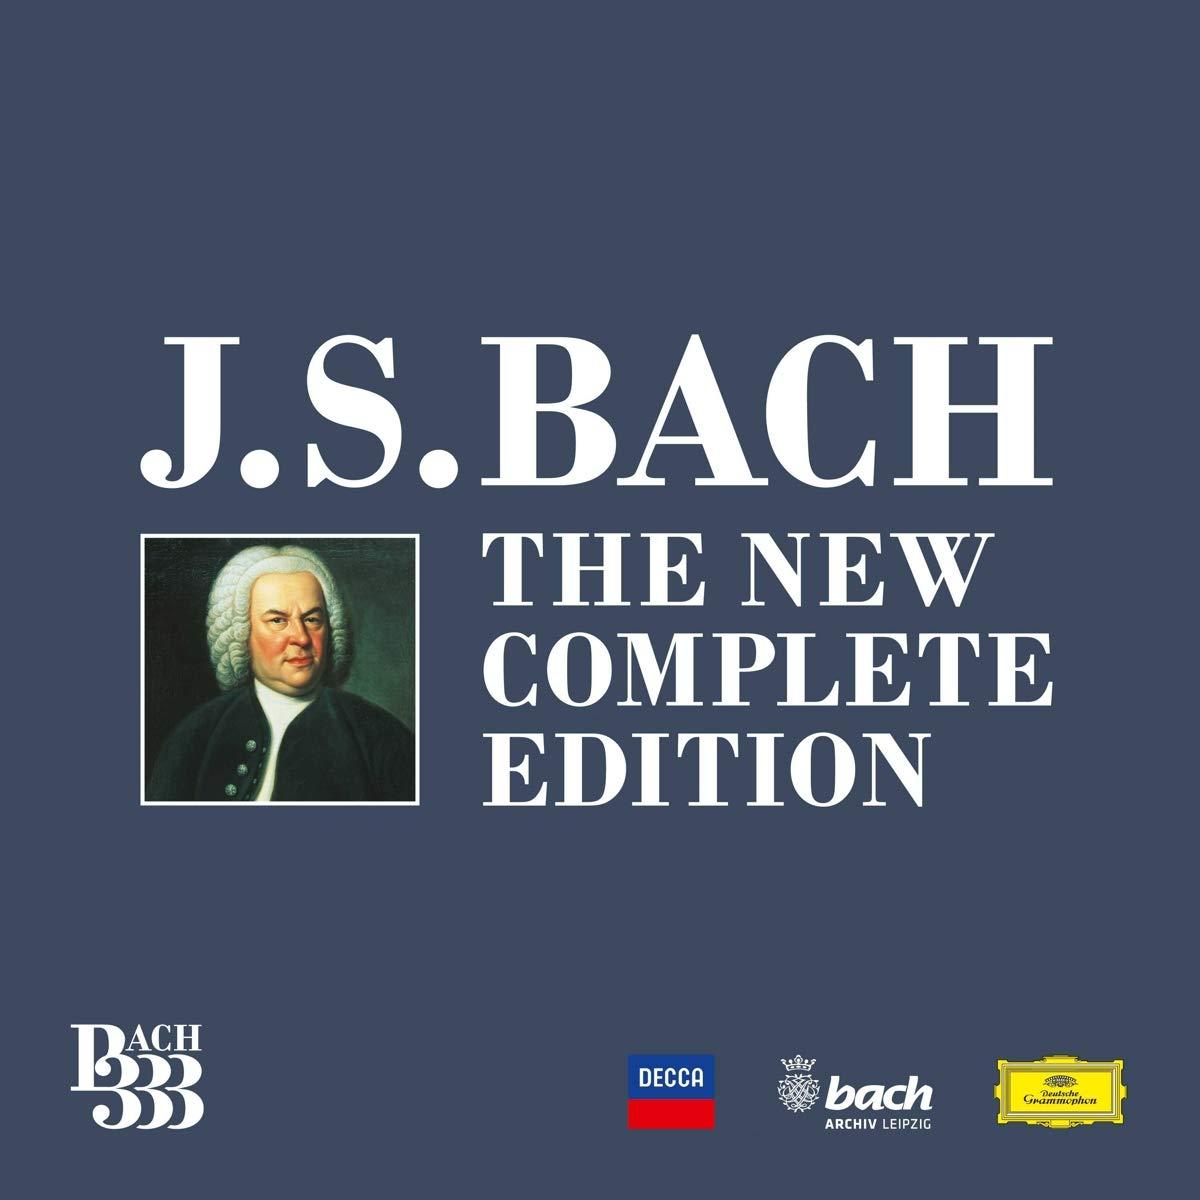 Bach 333: La Nueva Edición Completa - Edición Limitada